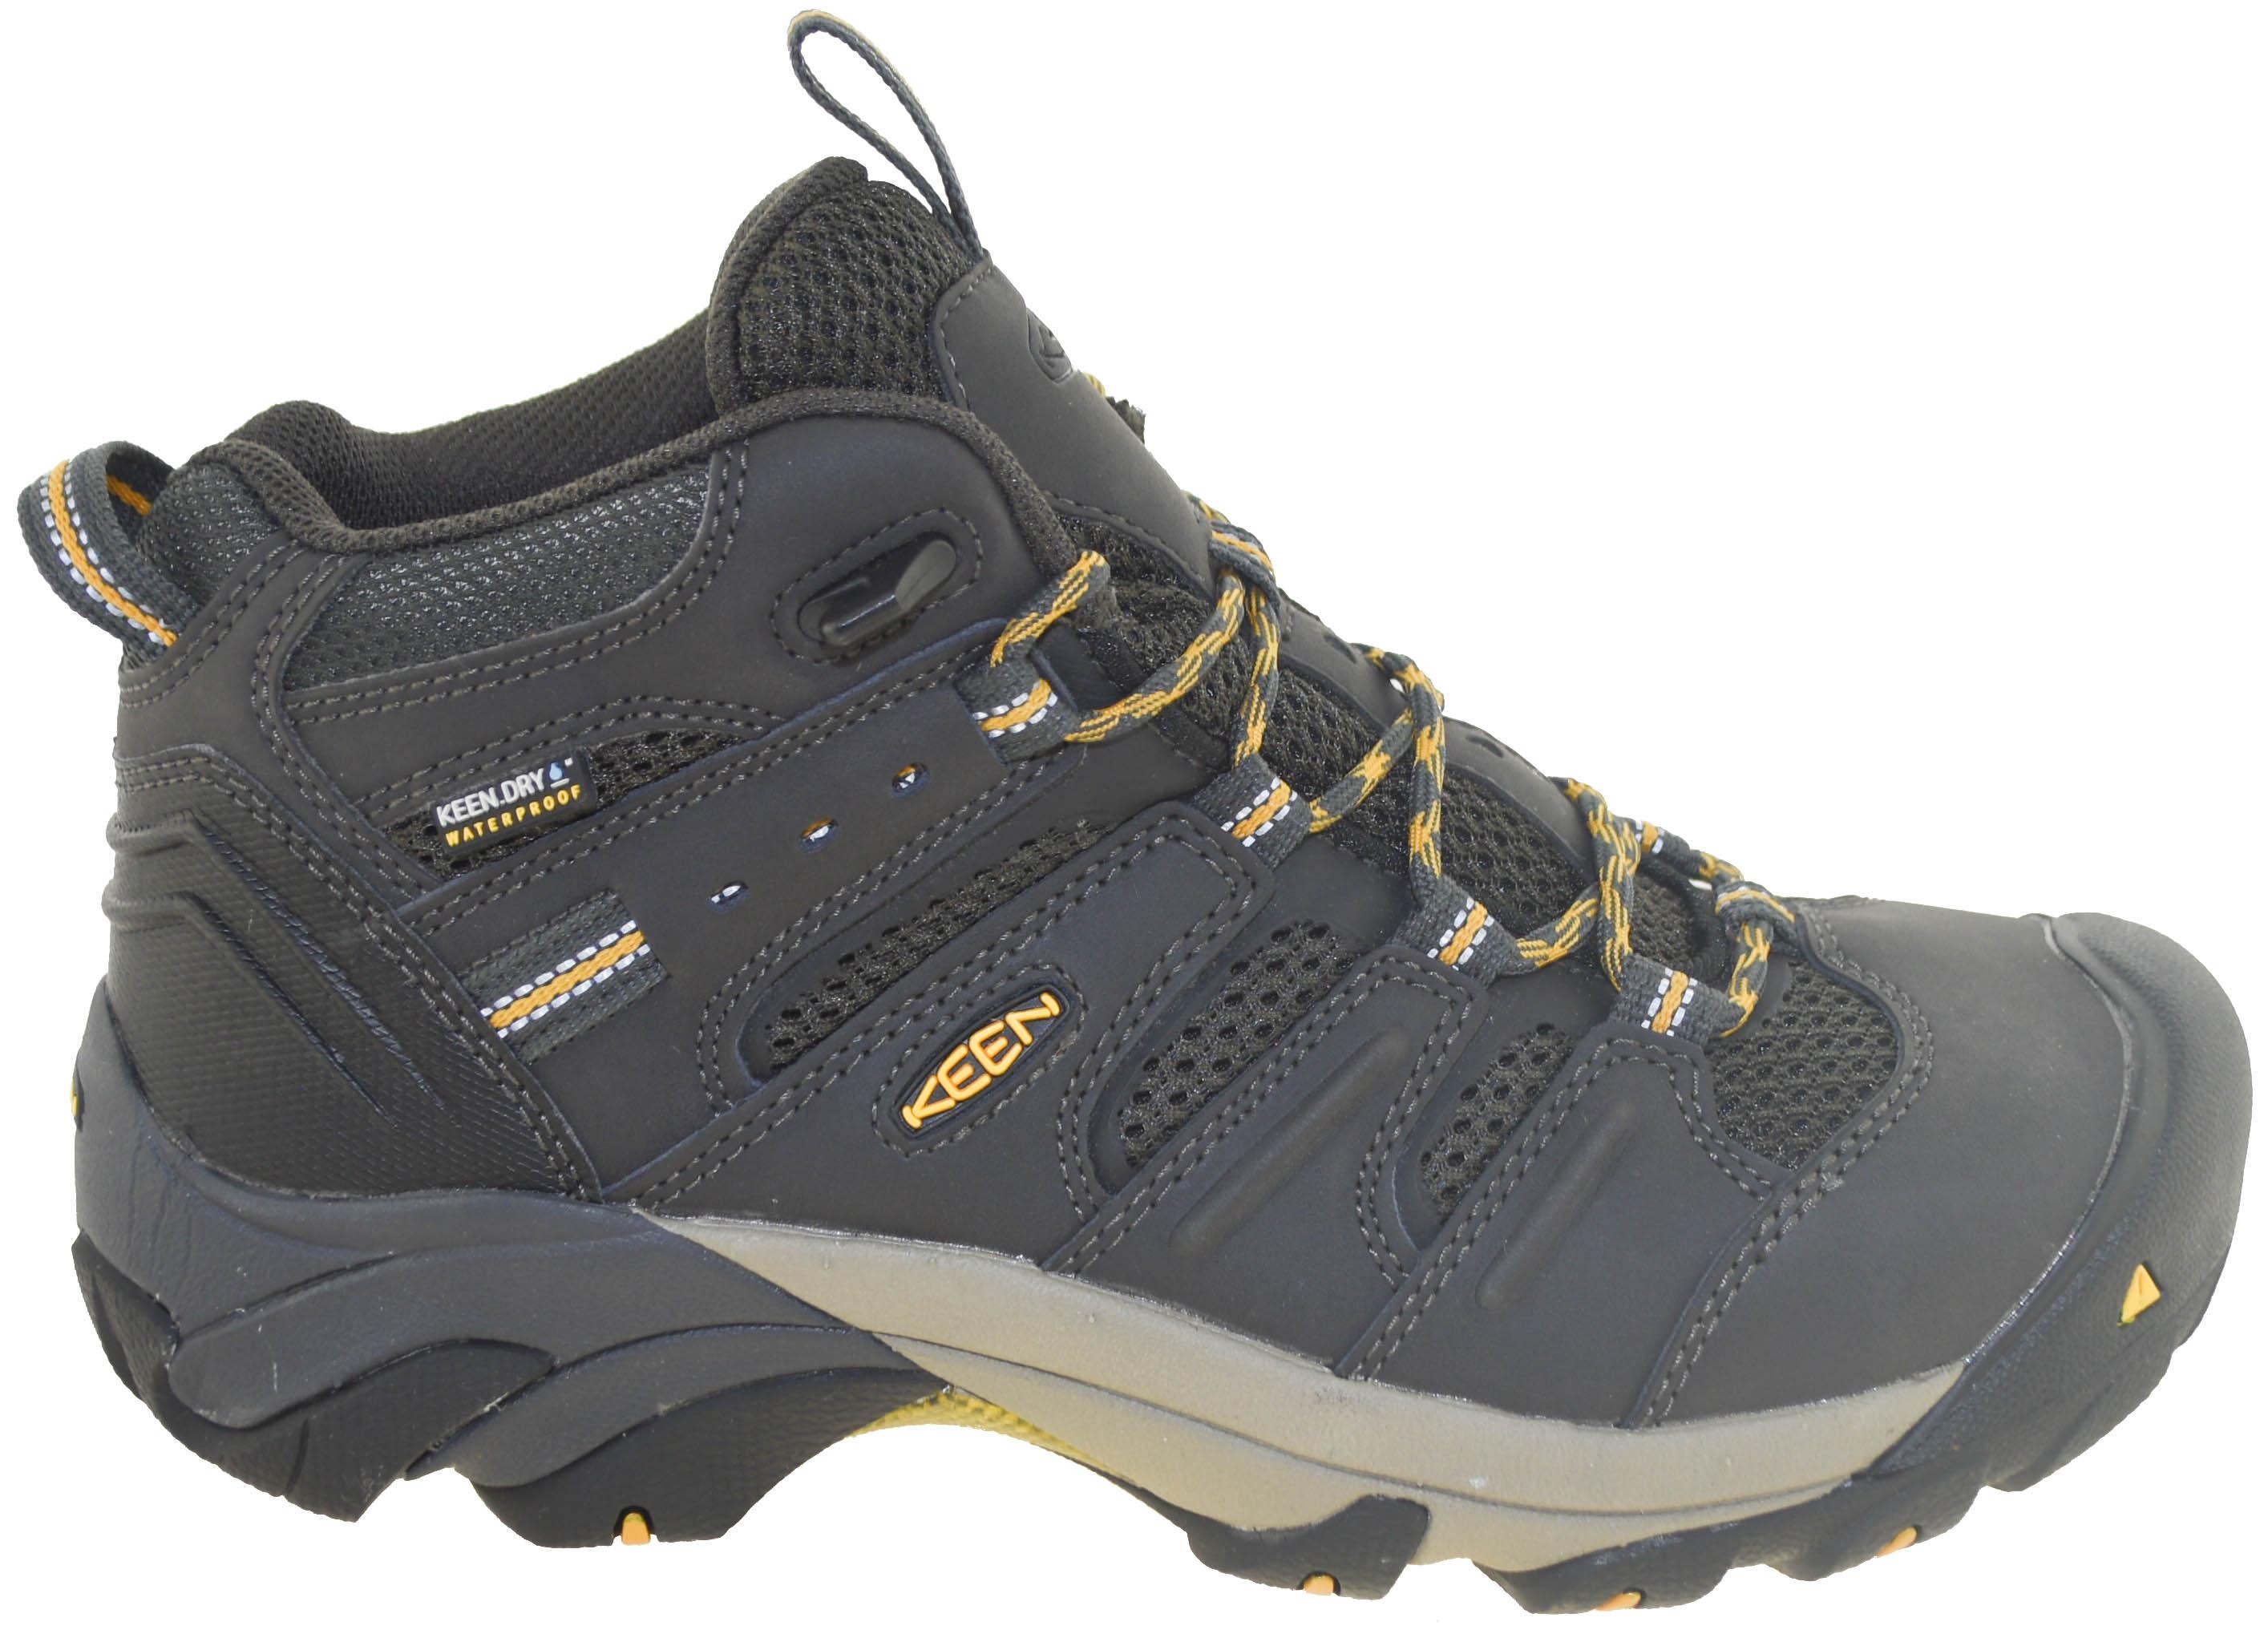 6d691de477d Details about Keen Utility Men's Lansing Mid Steel Toe Waterproof Work Boot  Raven Style 101807